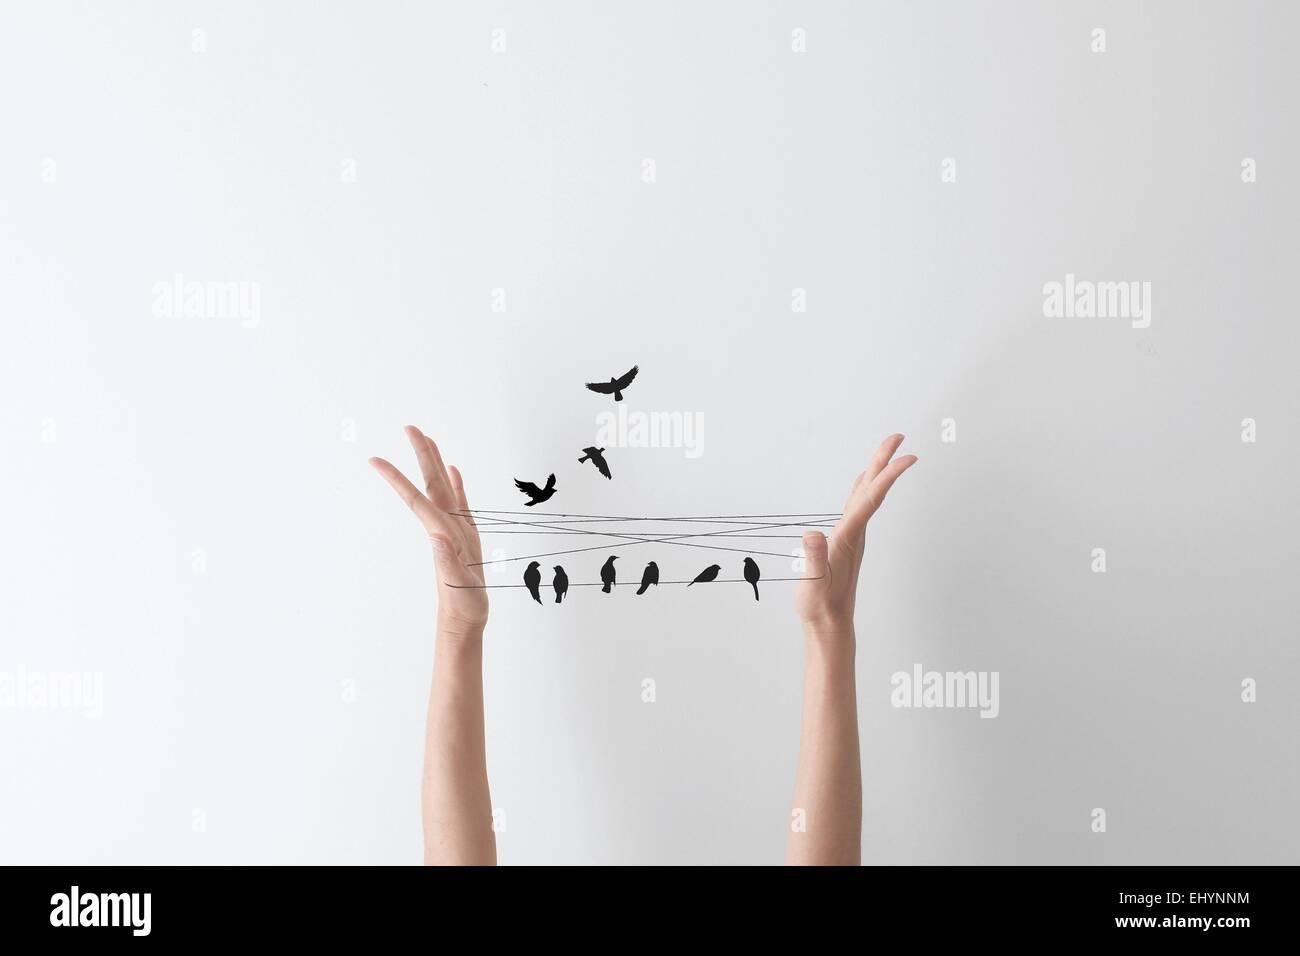 Stringa di gioco a mano con gli uccelli appollaiato sulla stringa Immagini Stock